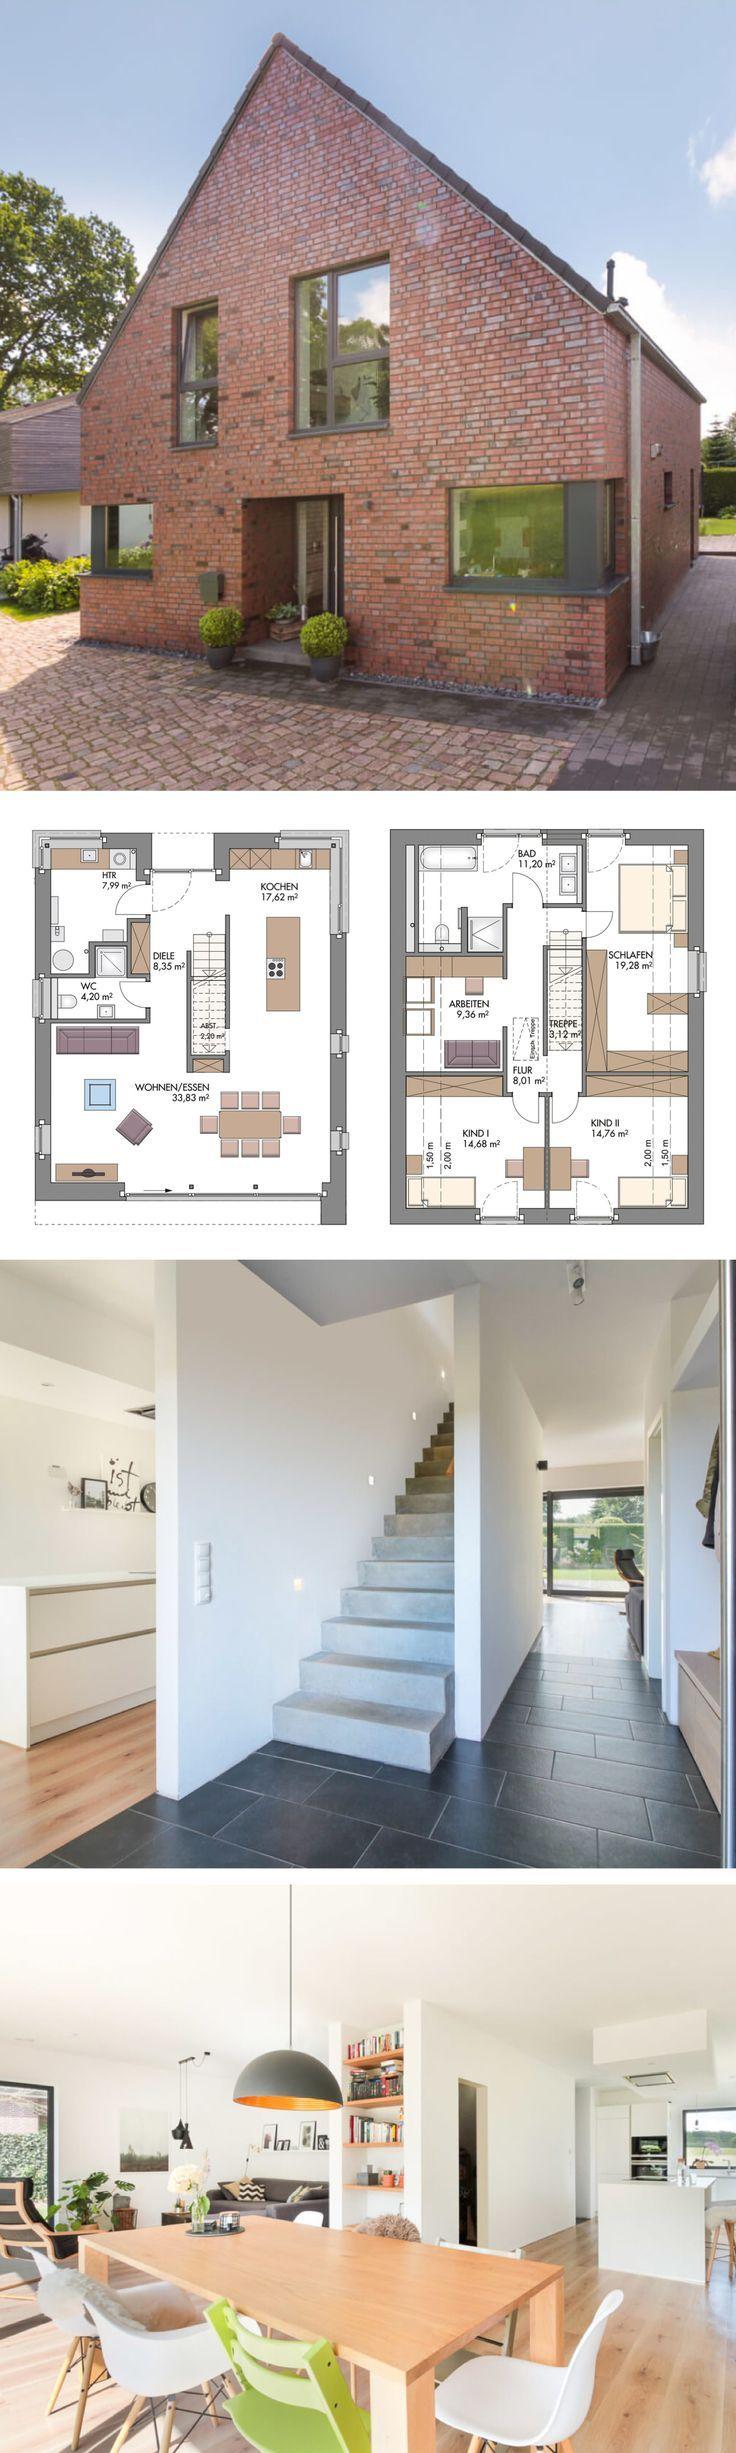 Giebelhaus Neubau mit Klinkerfassade & Satteldach …